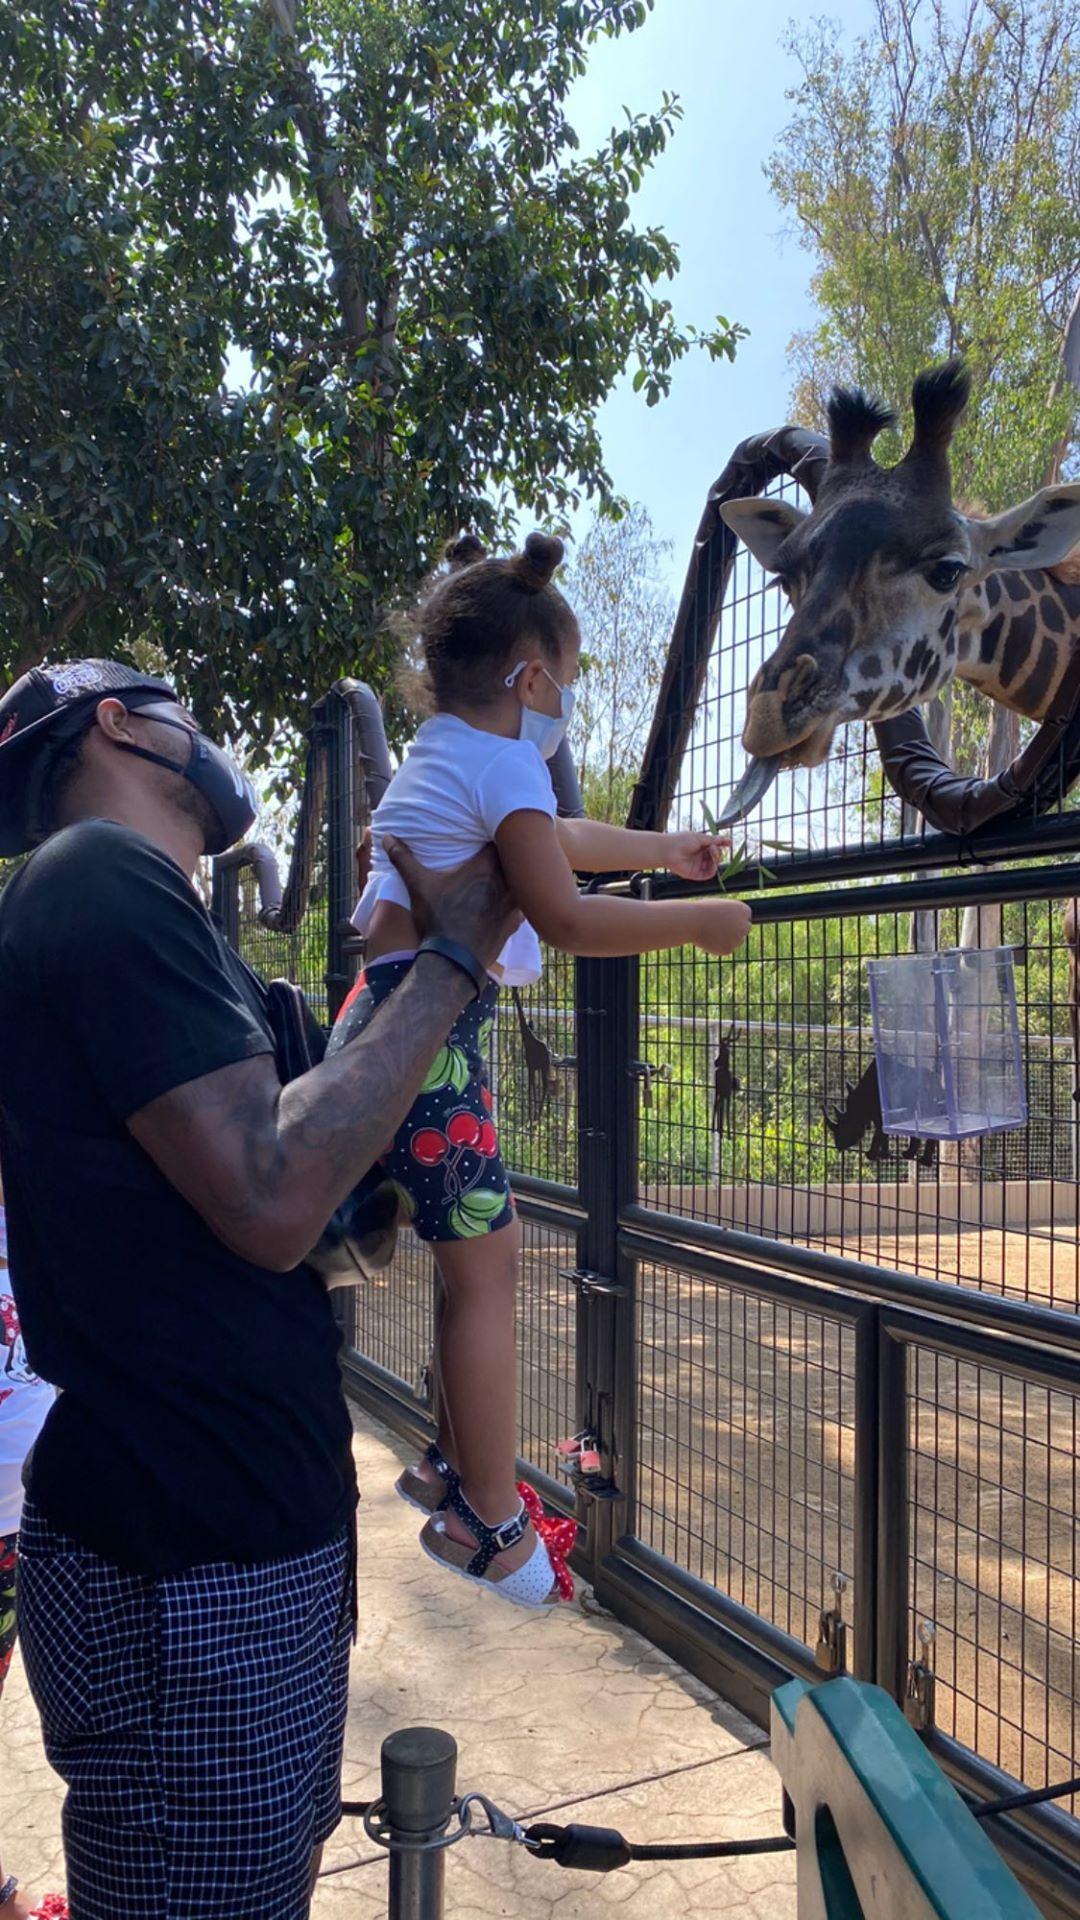 心情舒畅!乔治一家人去动物园游玩